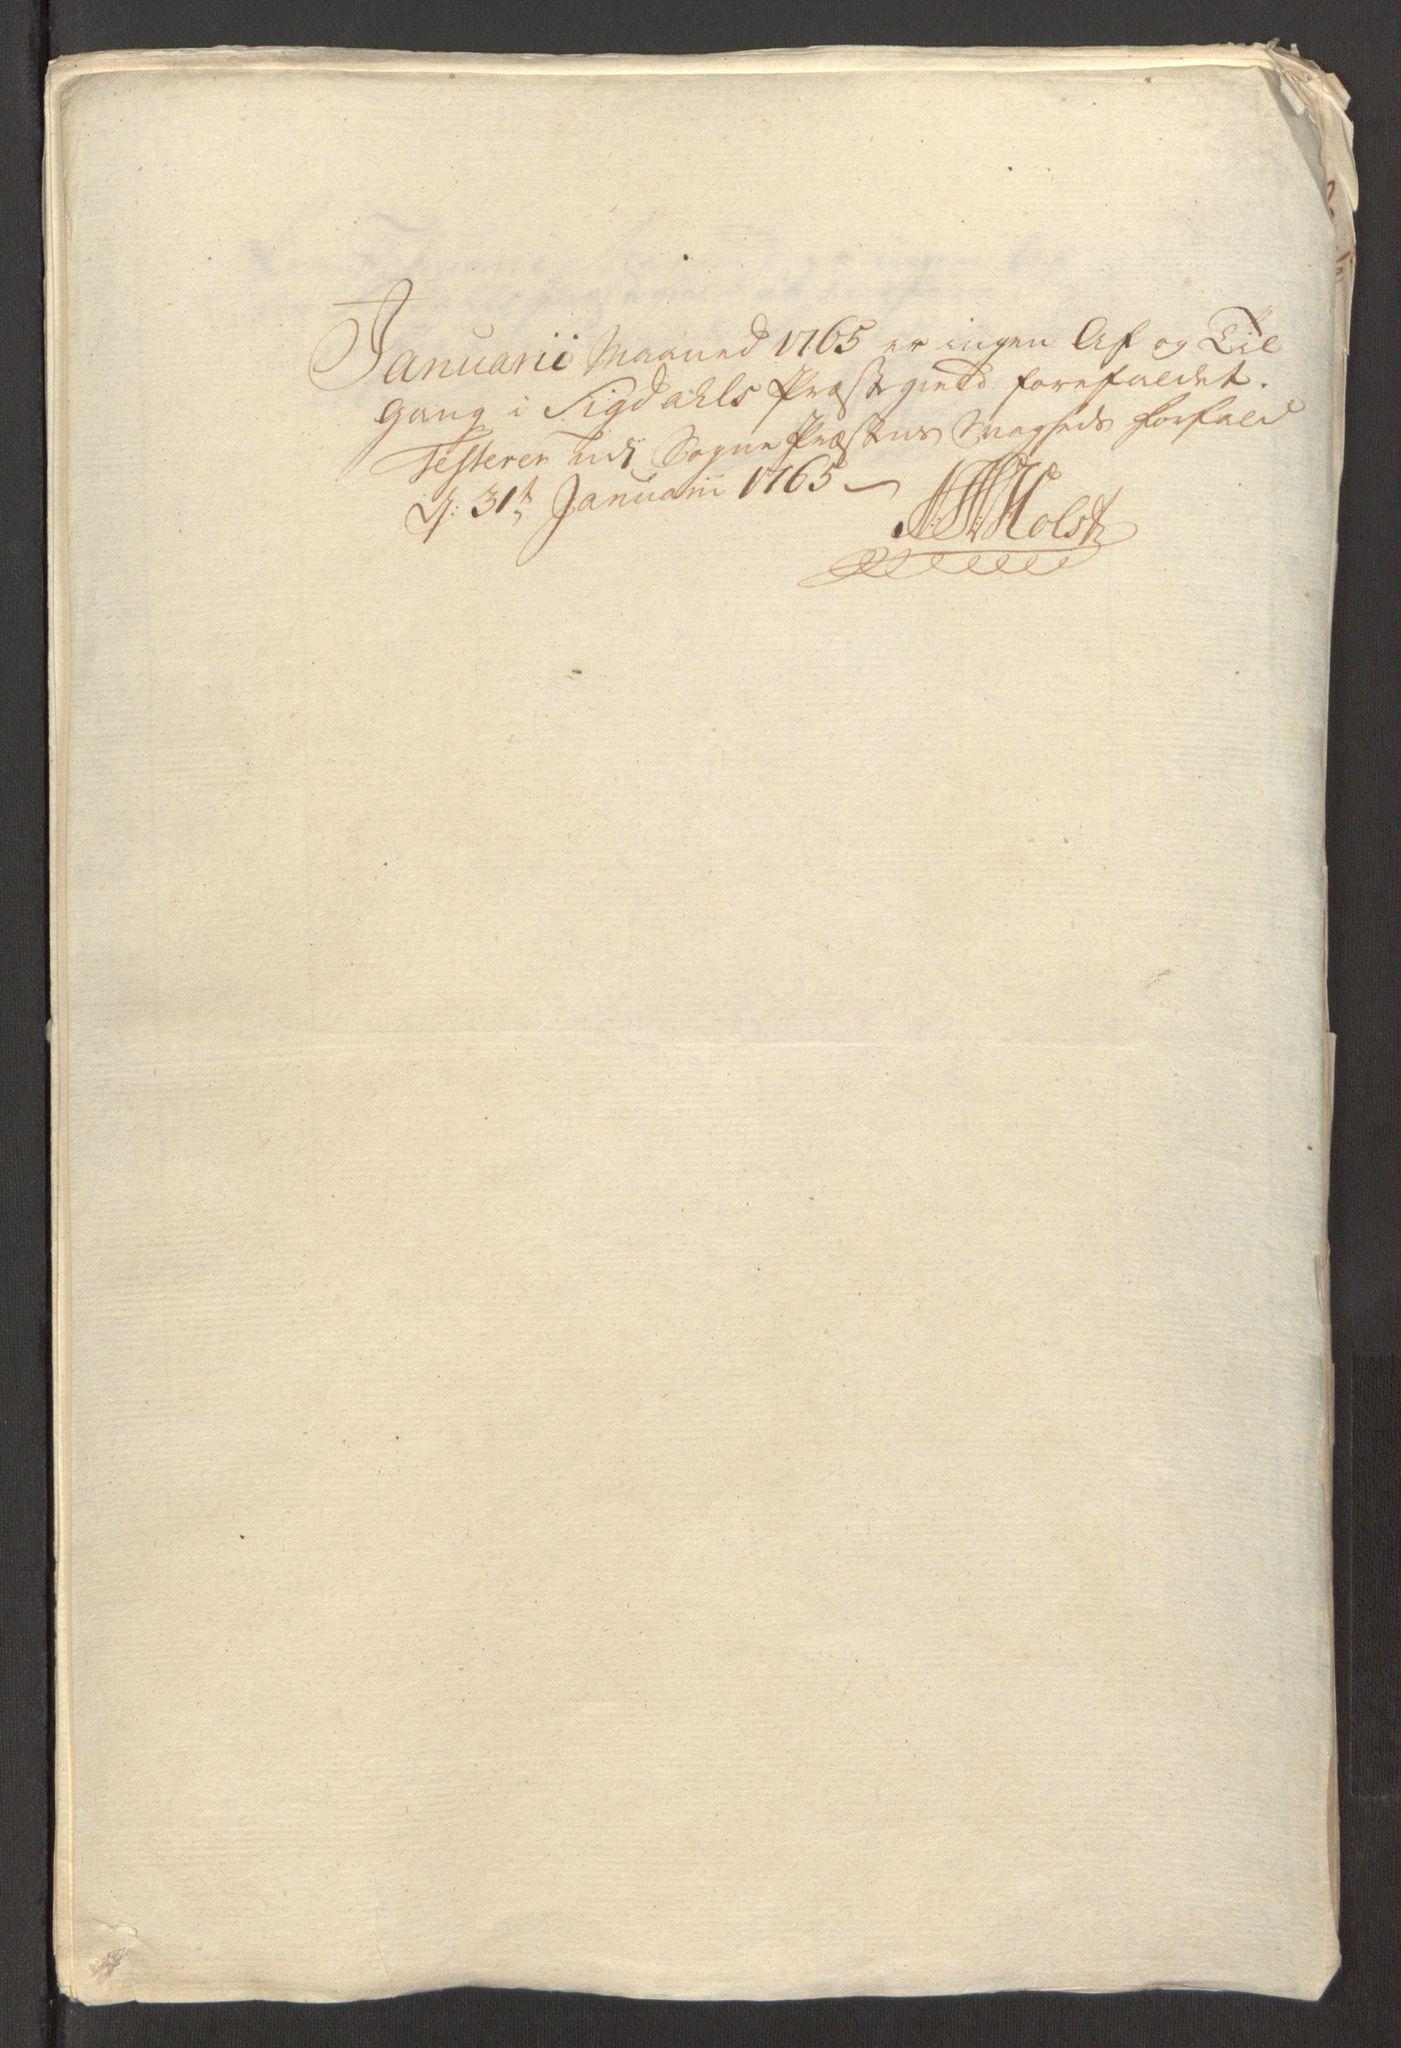 RA, Rentekammeret inntil 1814, Reviderte regnskaper, Fogderegnskap, R31/L1834: Ekstraskatten Hurum, Røyken, Eiker, Lier og Buskerud, 1765, s. 433